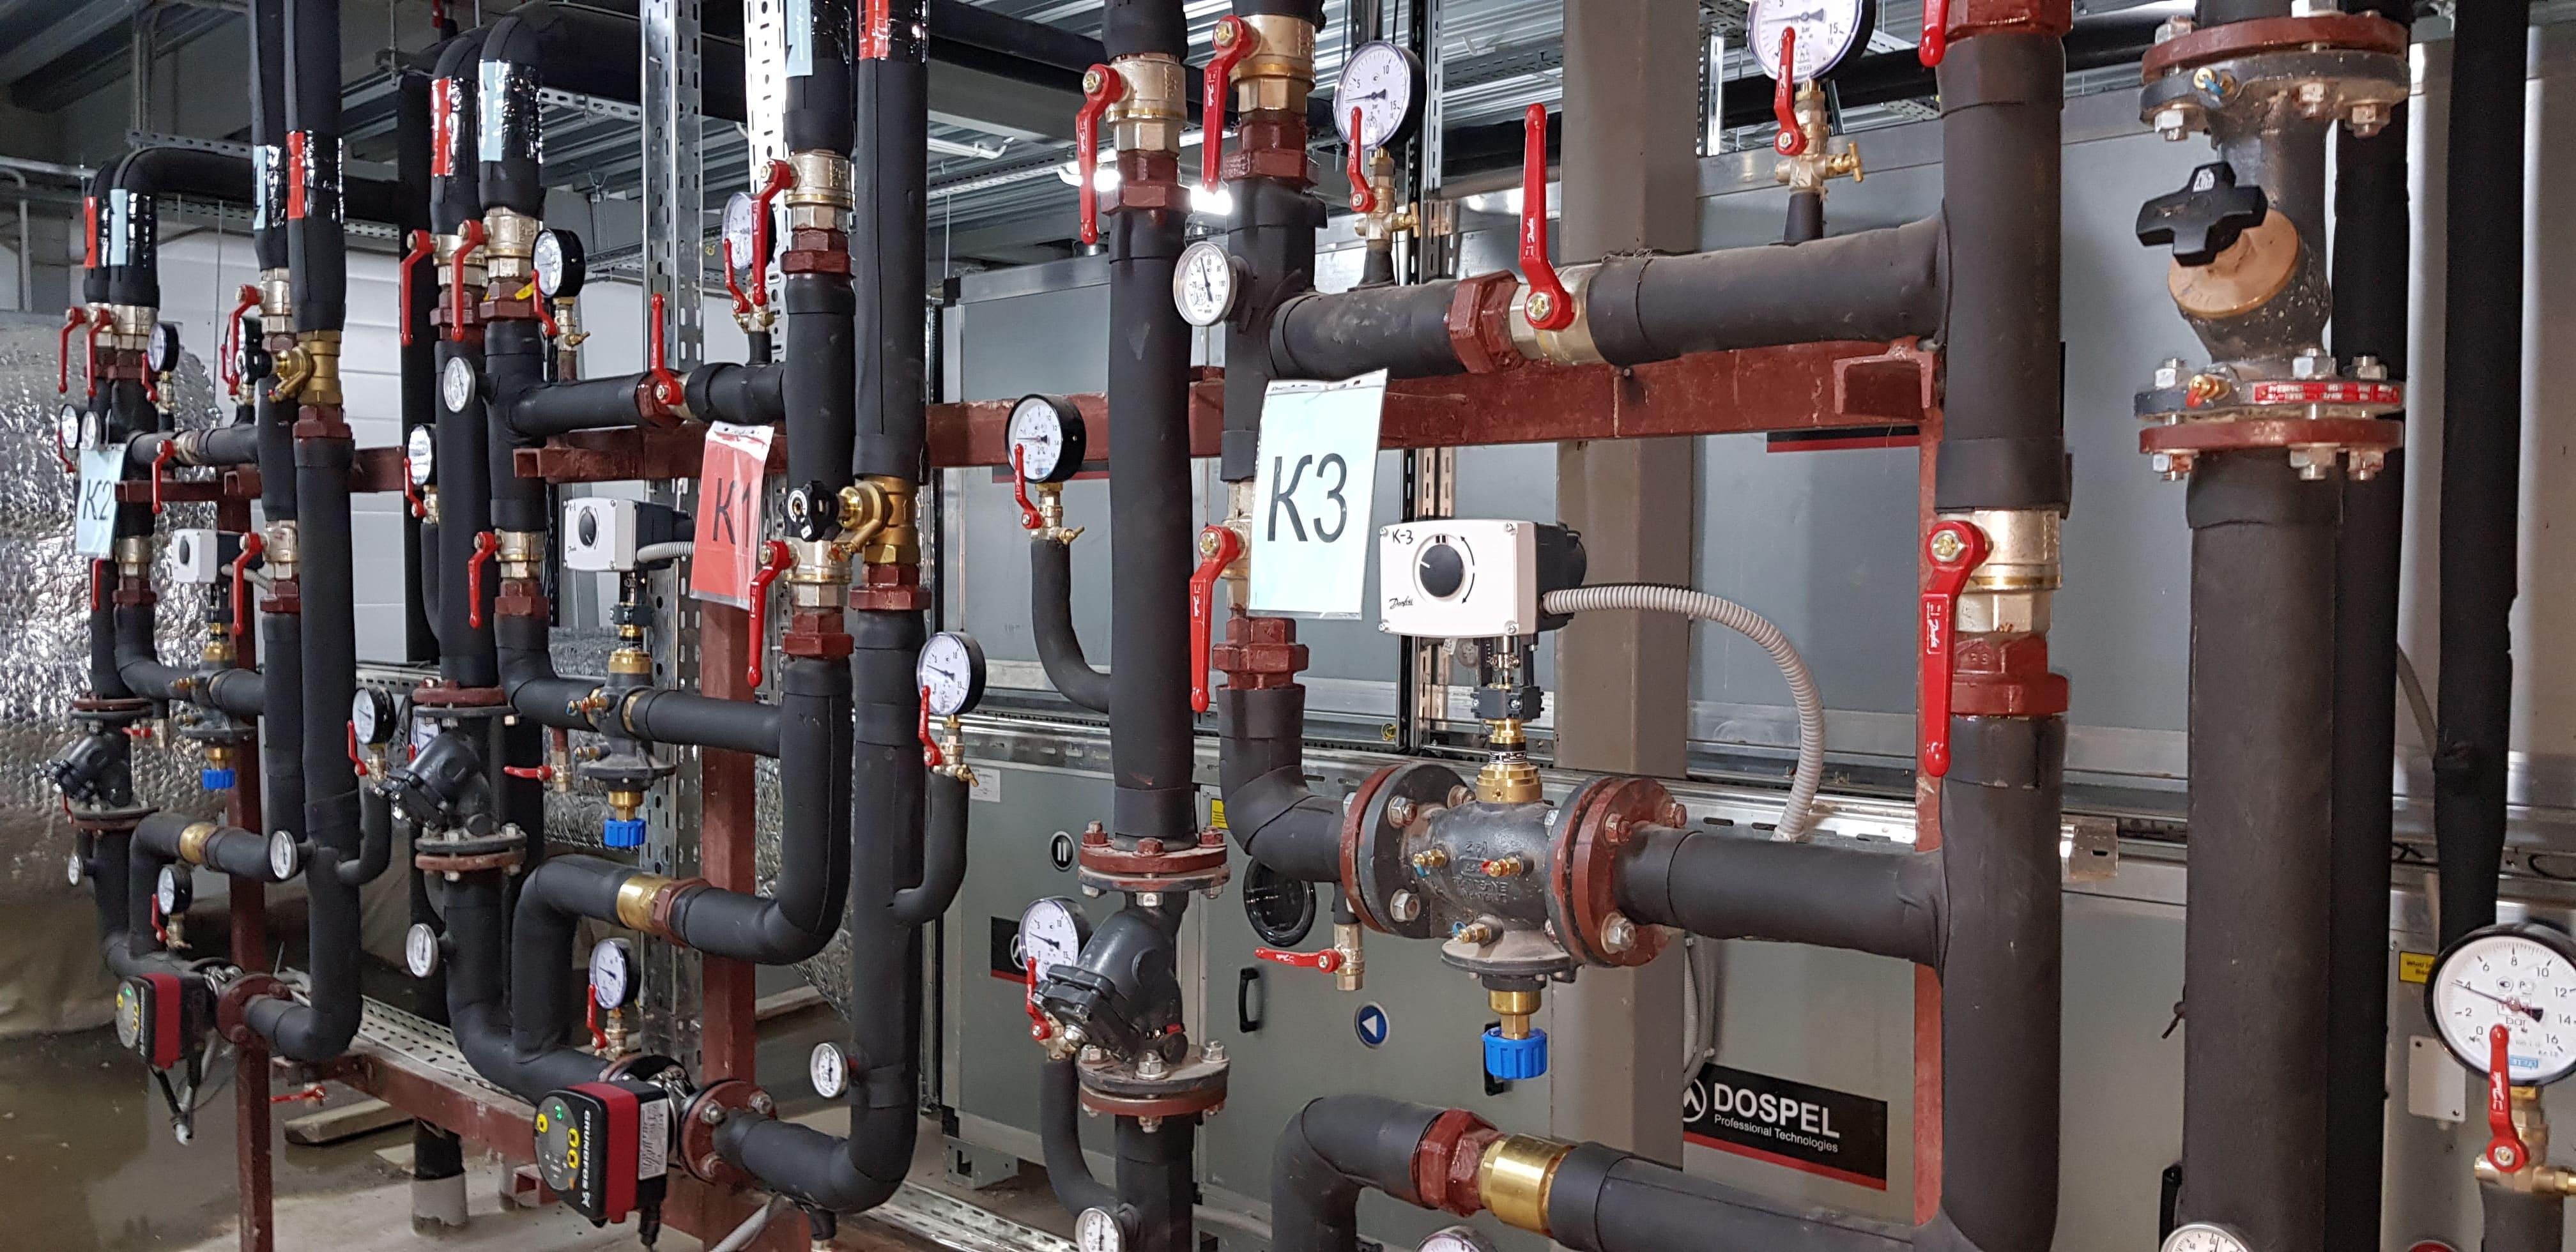 Ремонт и обслуживание систем вентиляции и кондиционирования